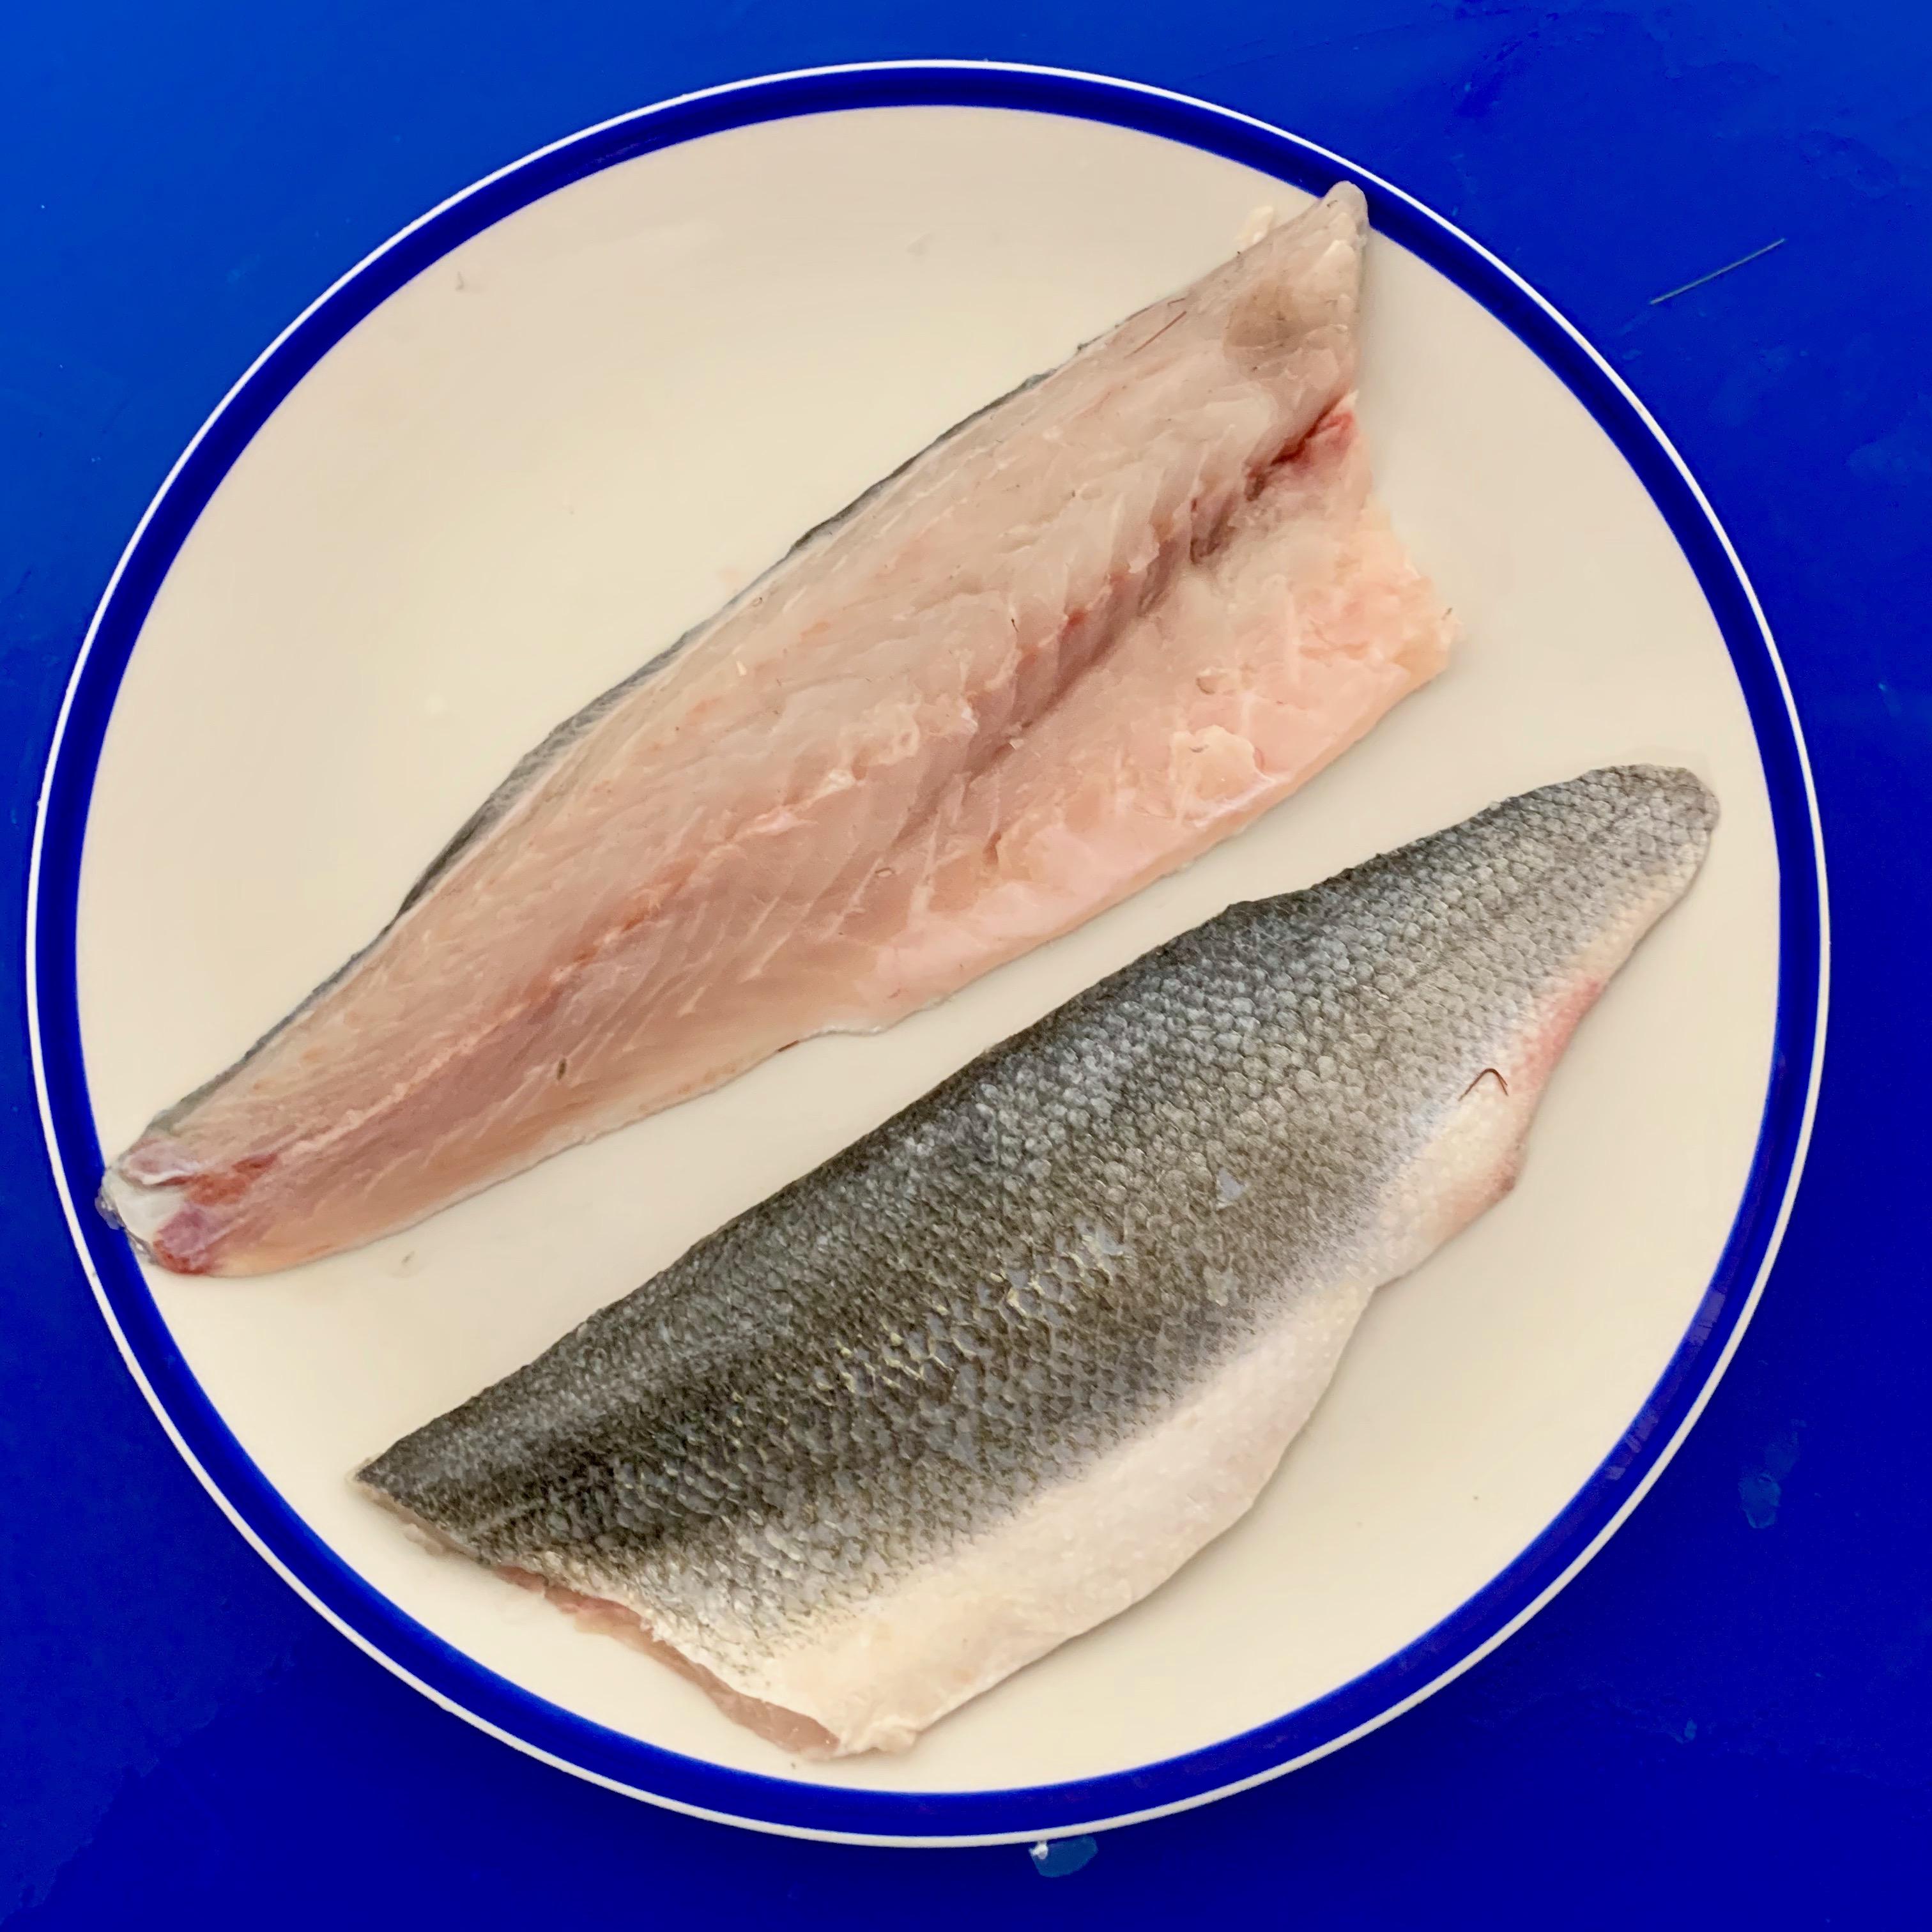 Medium Sea bass fillets farmed